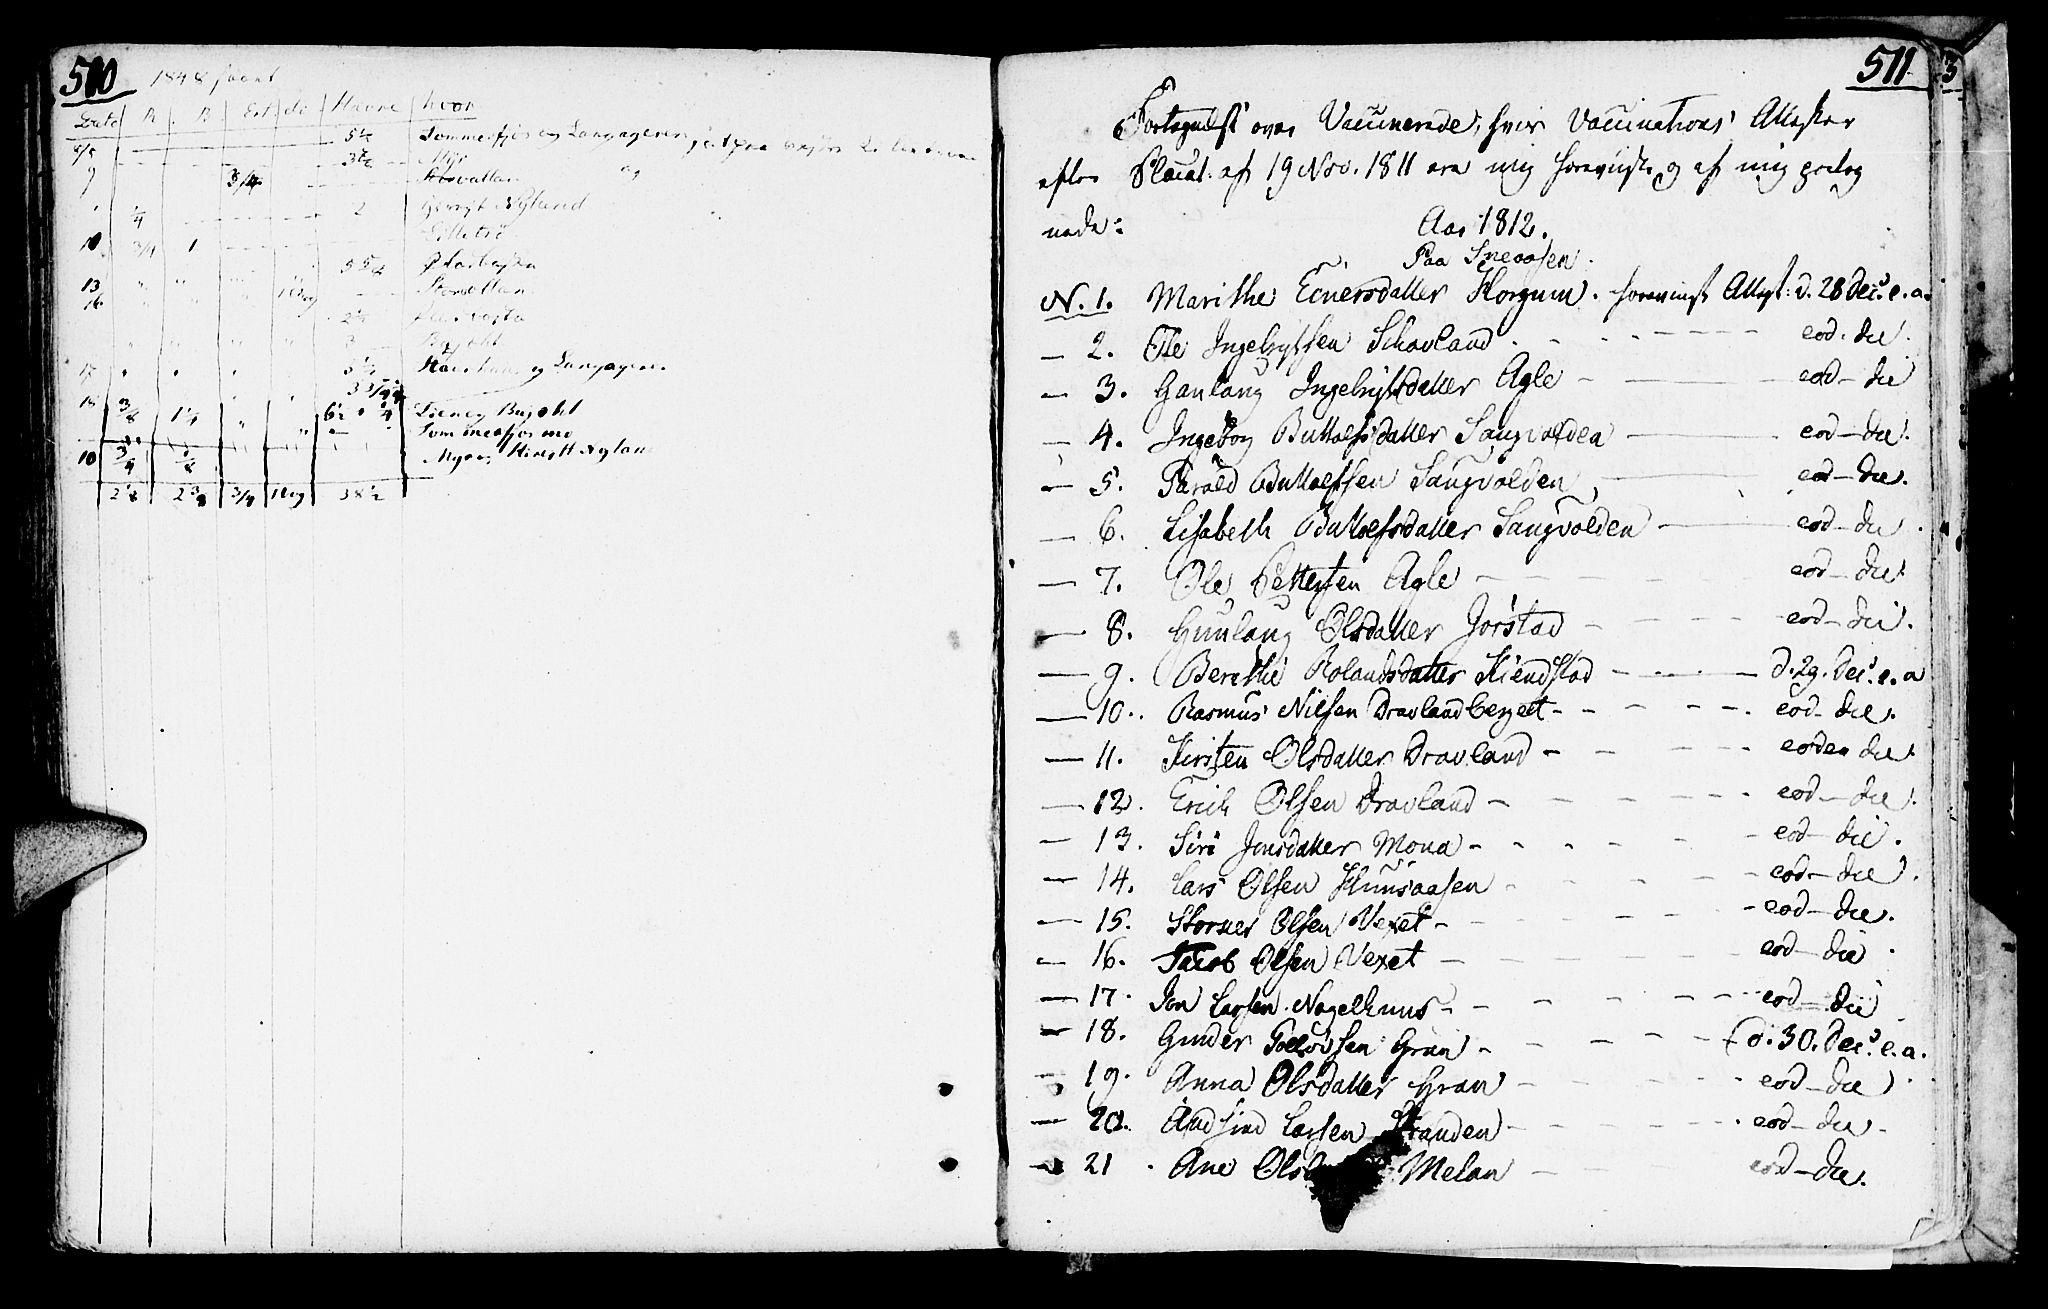 SAT, Ministerialprotokoller, klokkerbøker og fødselsregistre - Nord-Trøndelag, 749/L0468: Ministerialbok nr. 749A02, 1787-1817, s. 510-511